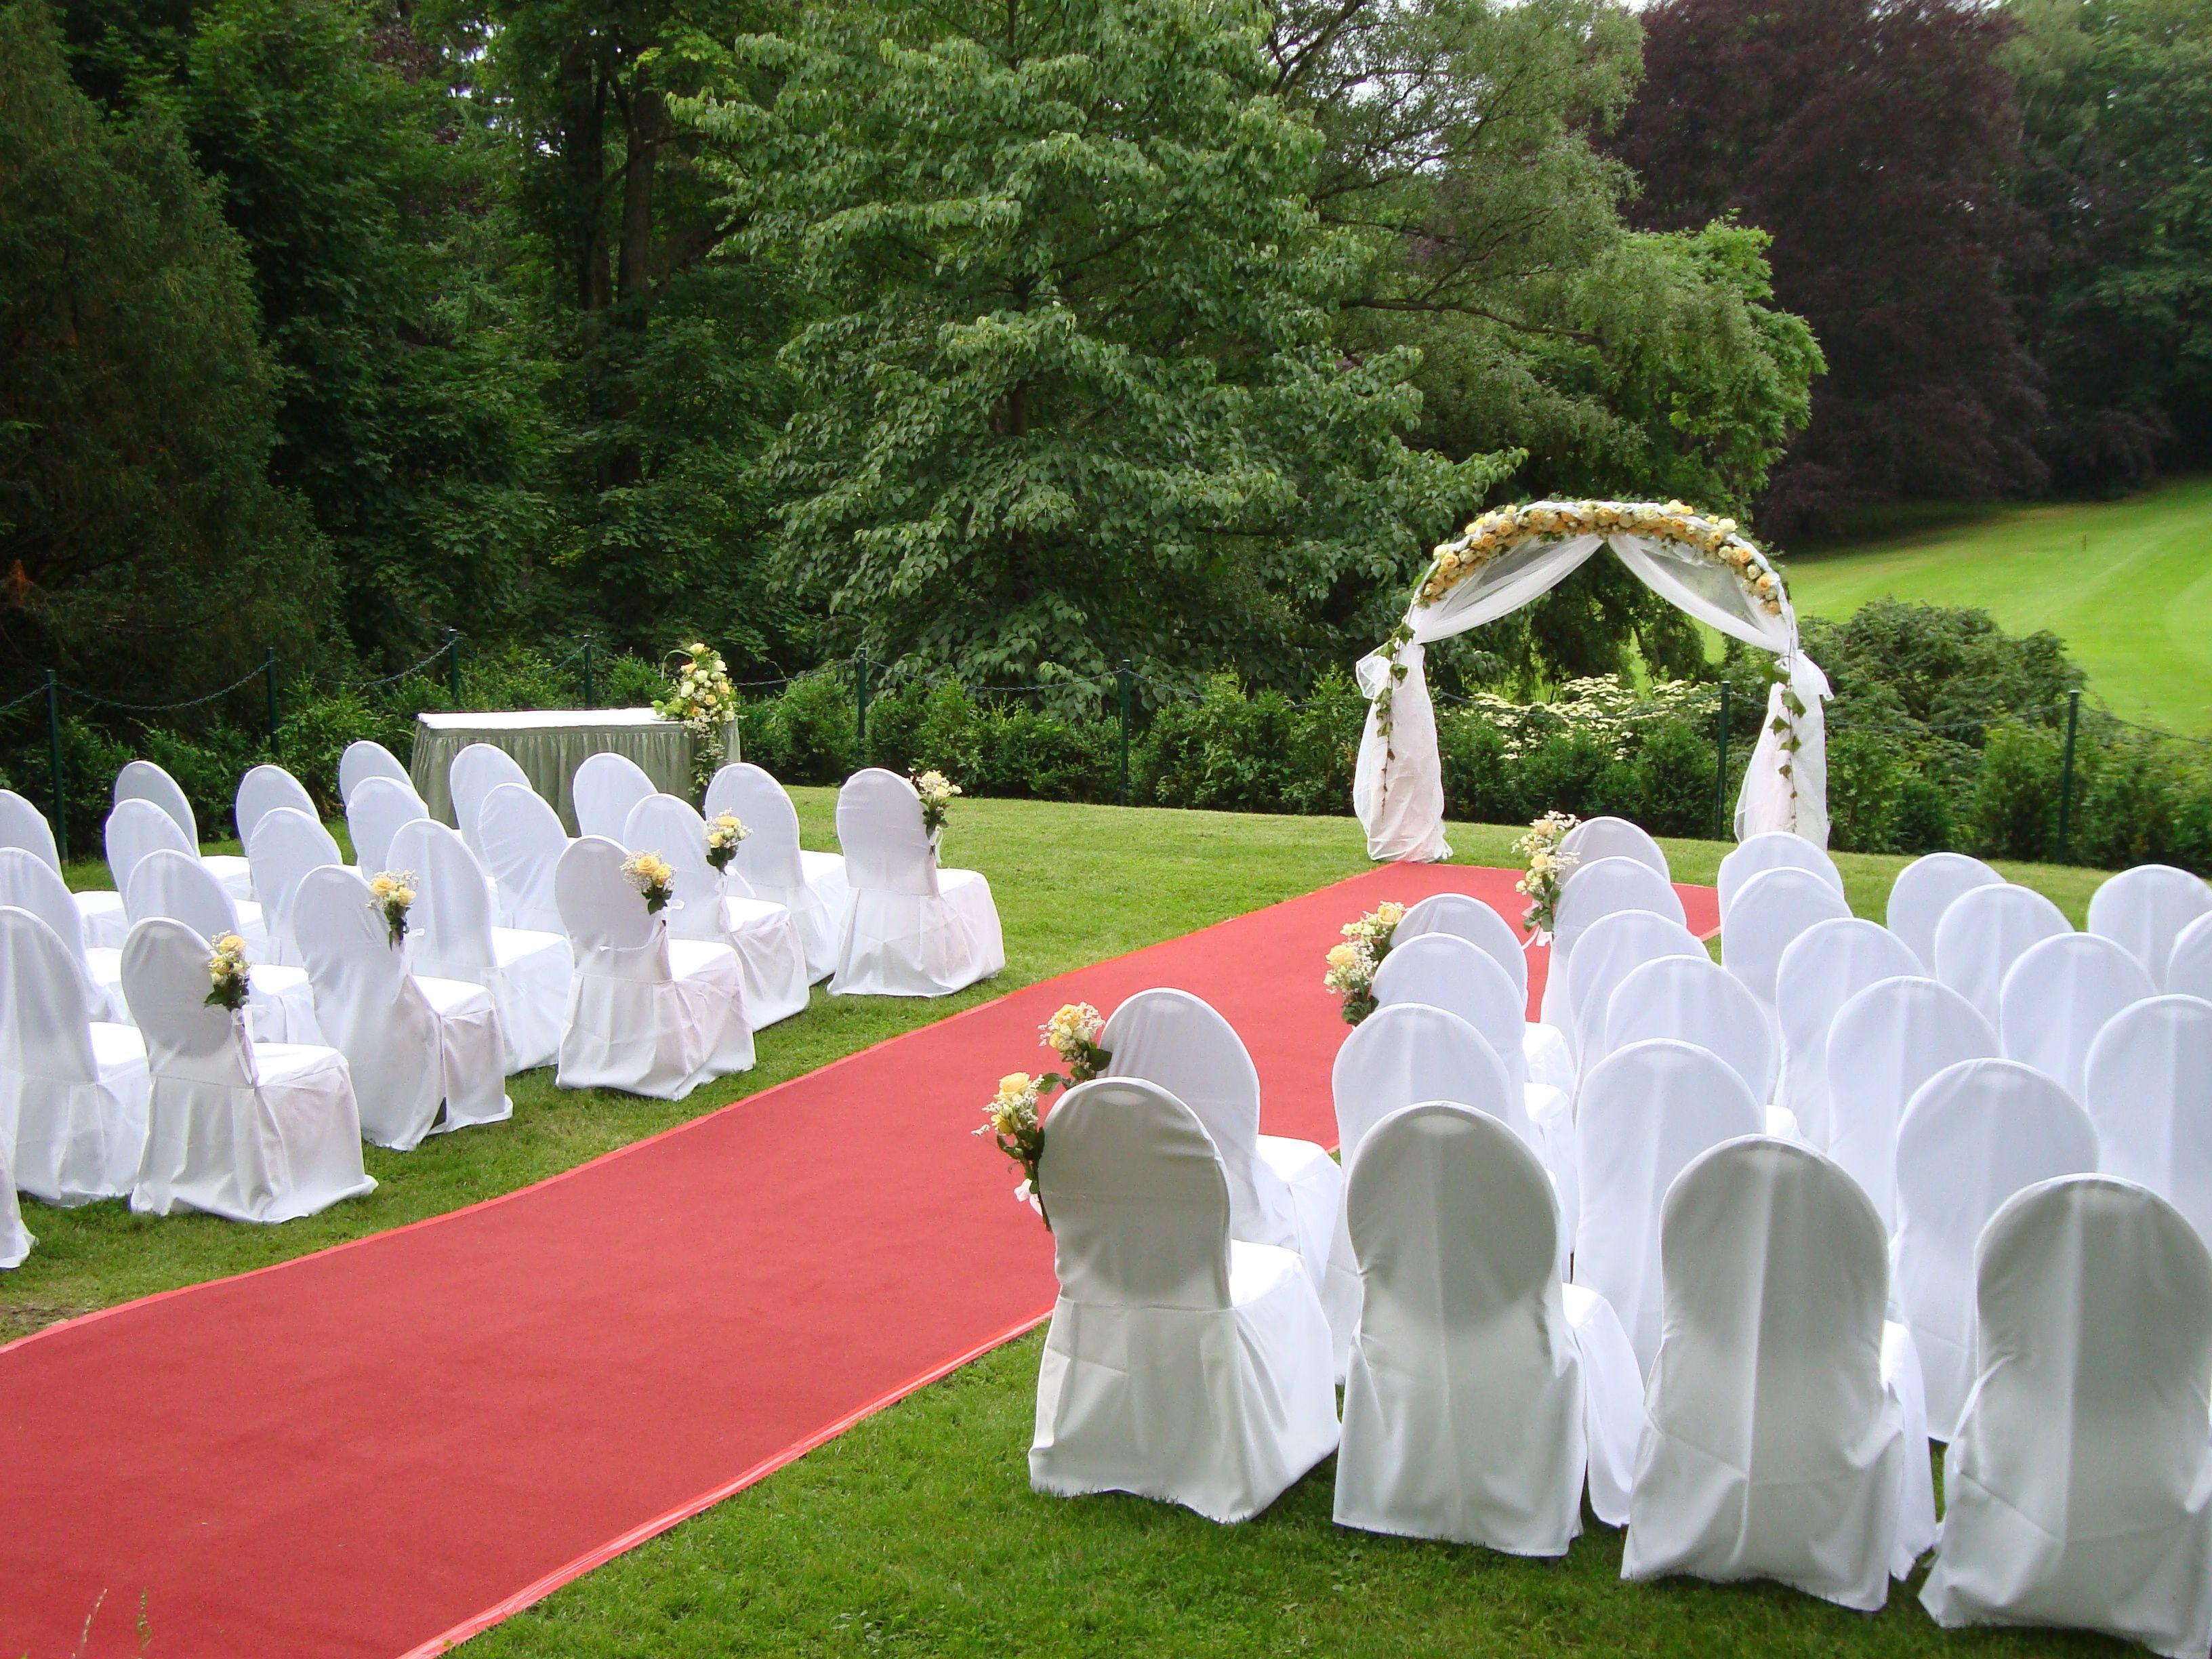 Stunning Hochzeitslocation mit Scheune bei Berlin Hochzeitsscheune Heiraten in Scheune Barnwedding http